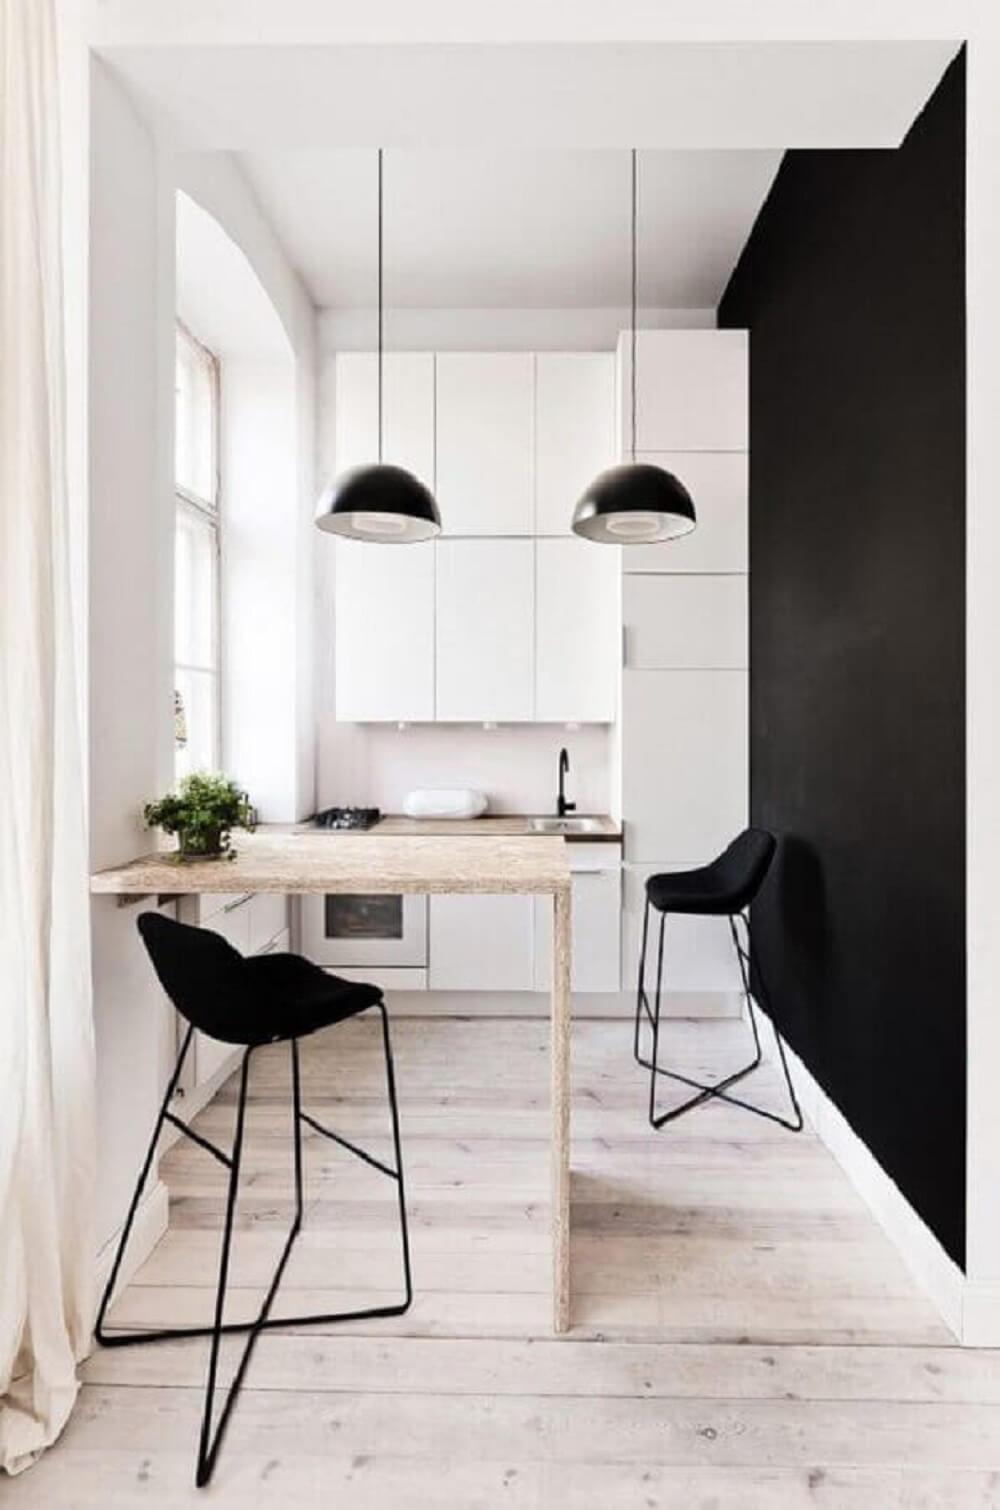 Decoração minimalista com baquetas preta e balcão de cozinha em madeira